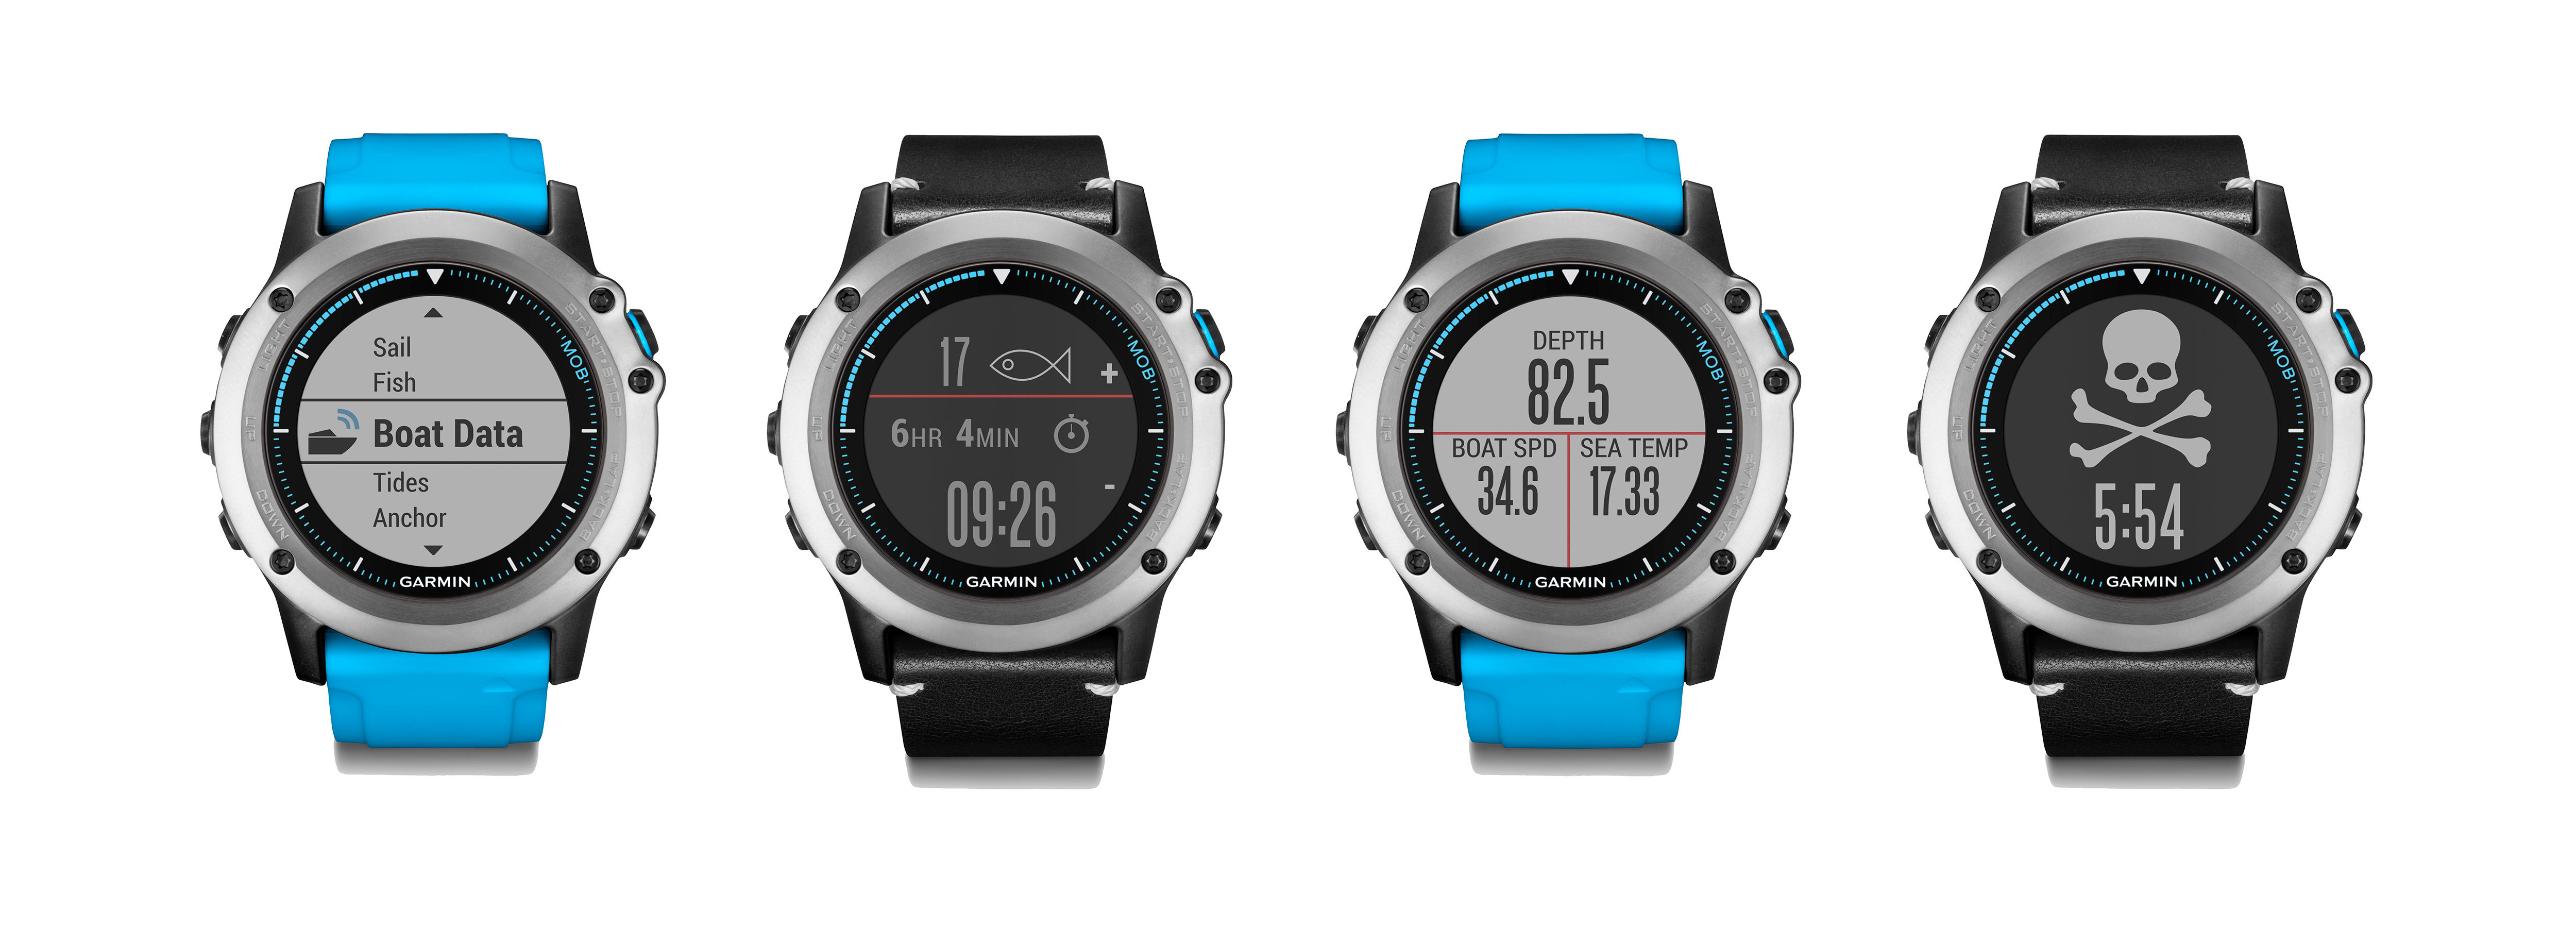 GarminR Introduces The QuatixR 3 Marine GPS Smartwatch